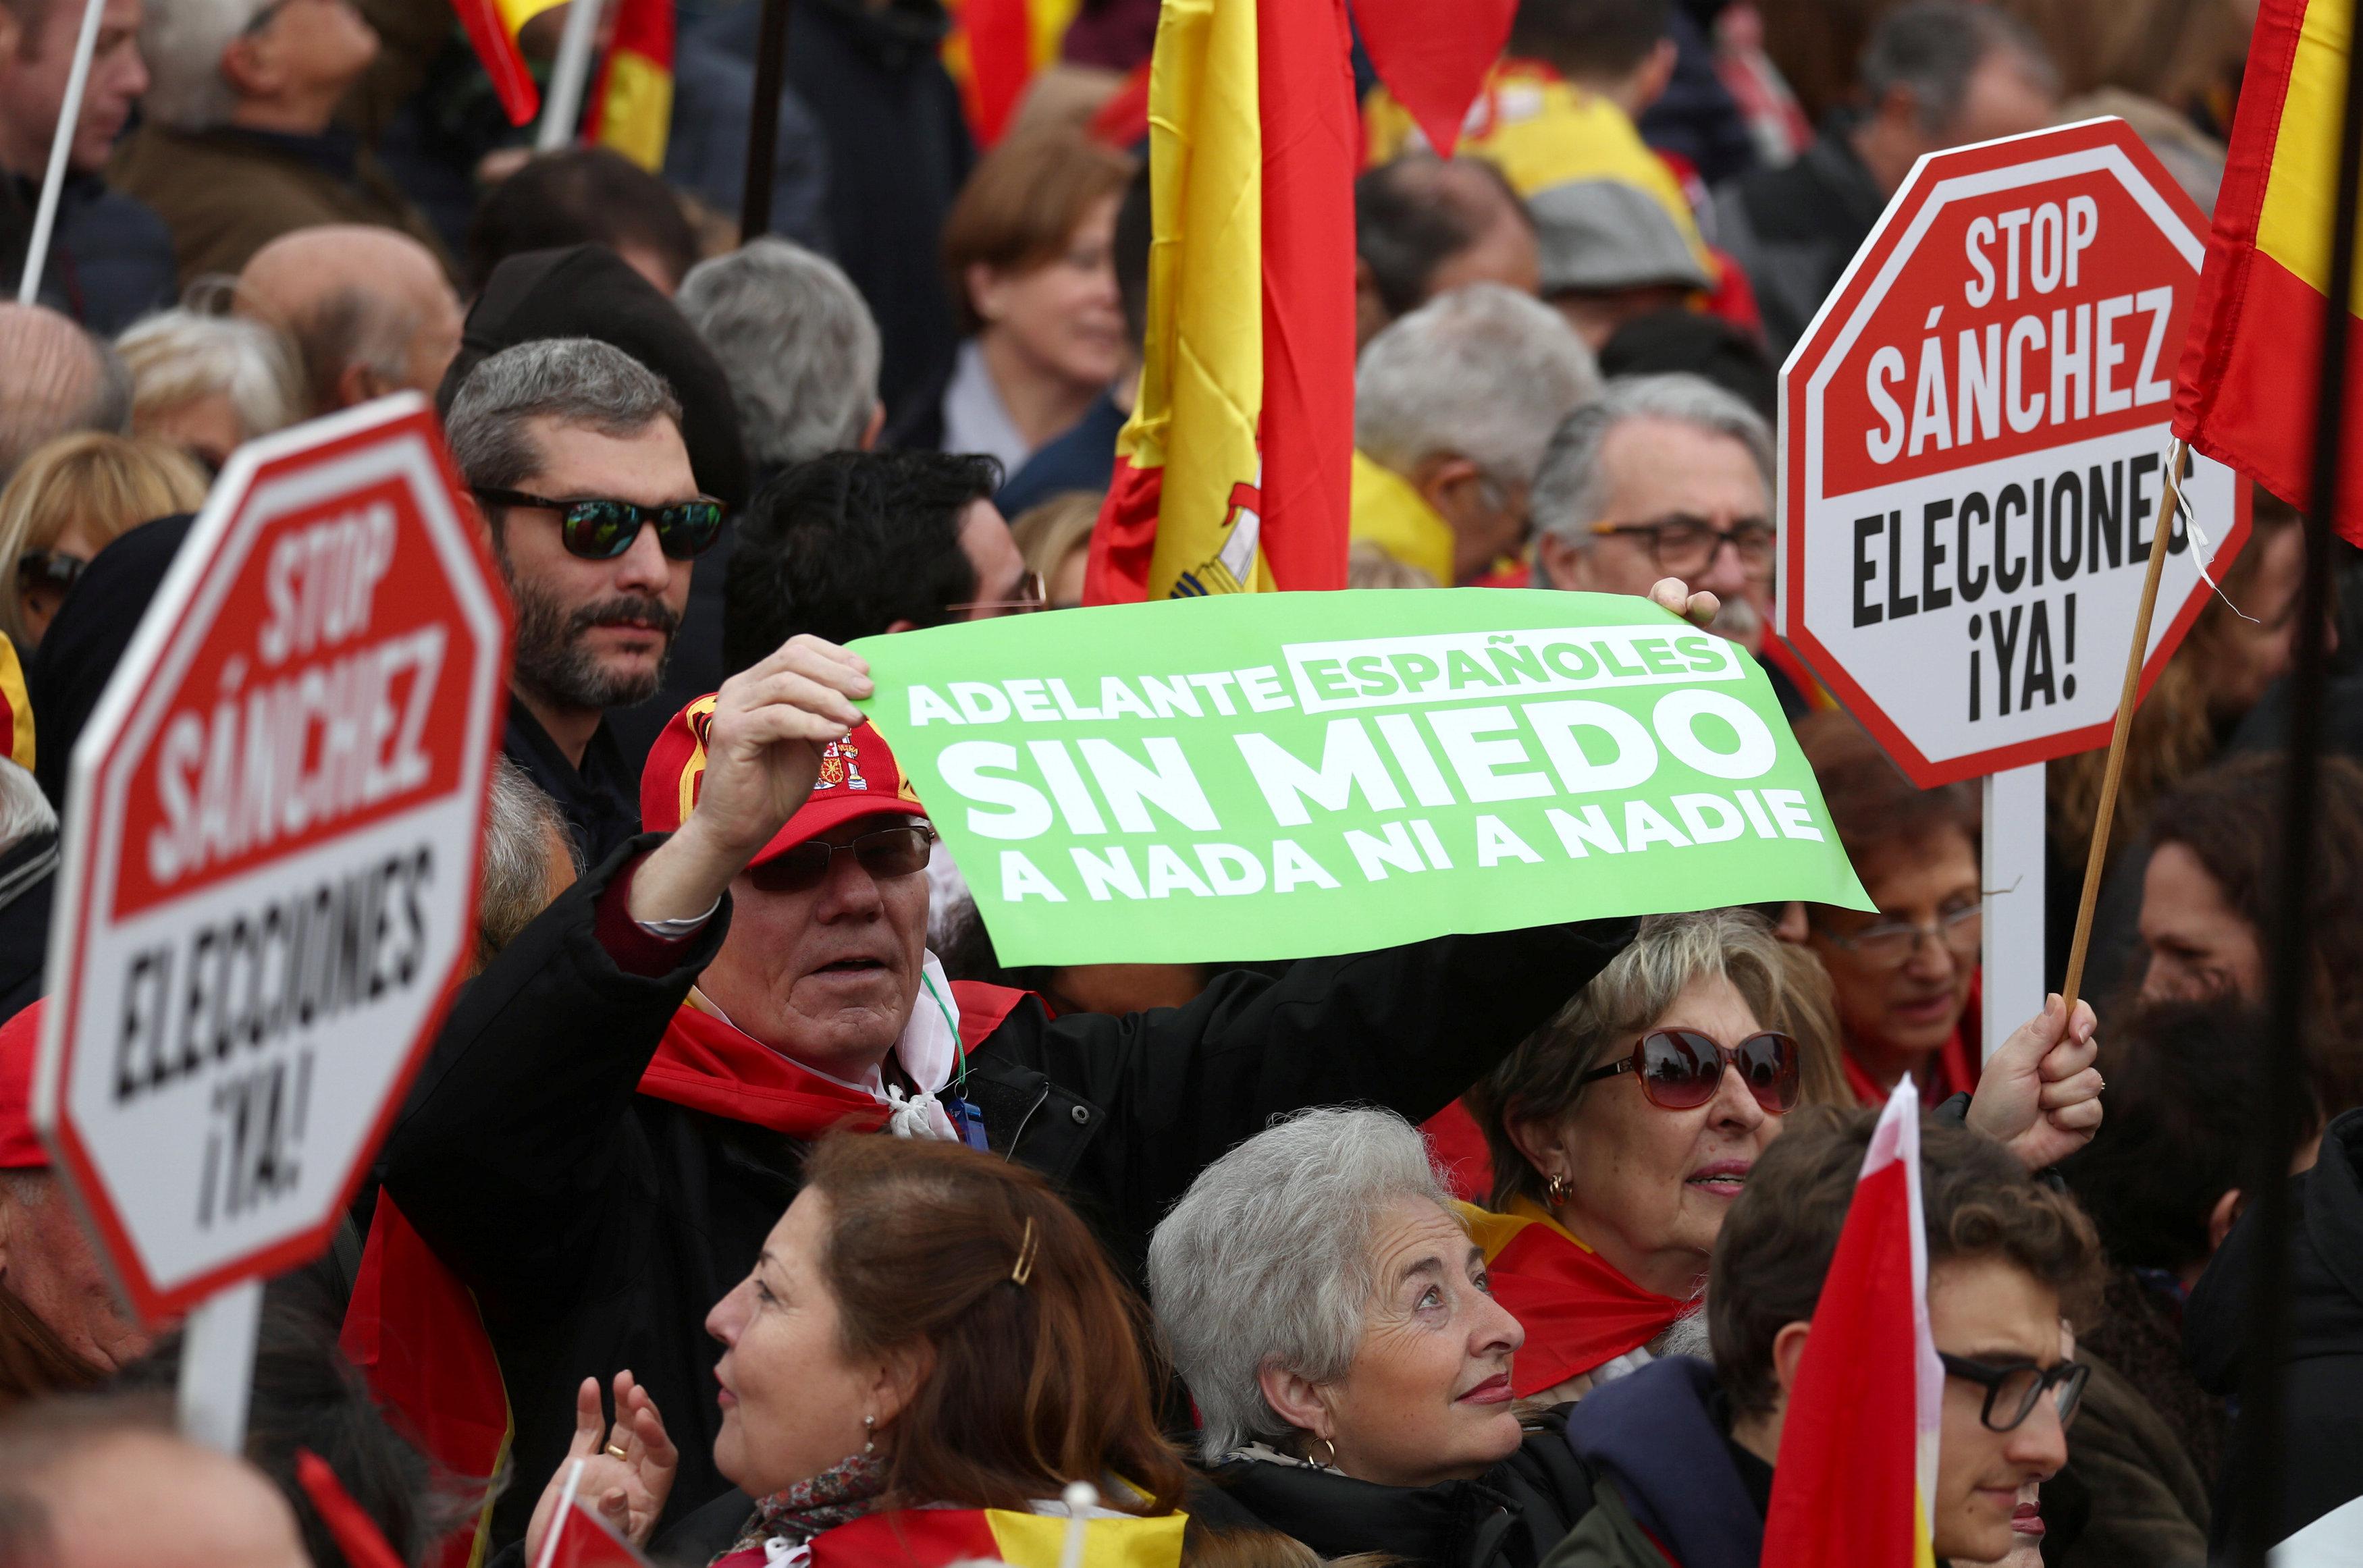 Continúan las reacciones a la manifestación de PP, Ciudadanos y Vox contra Sánchez